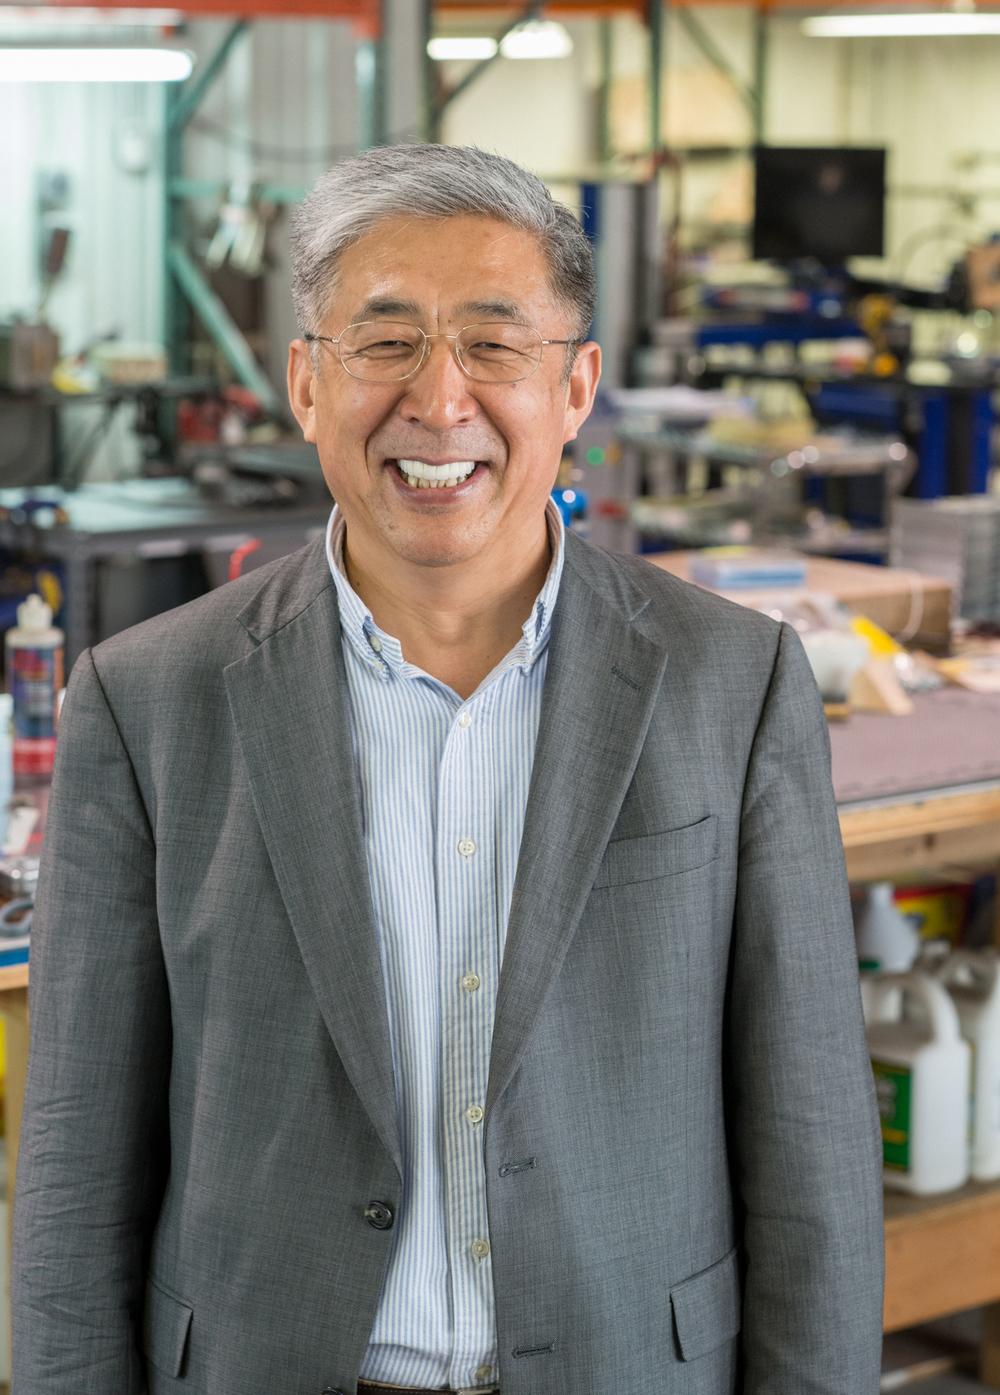 Dr. Bill Ma